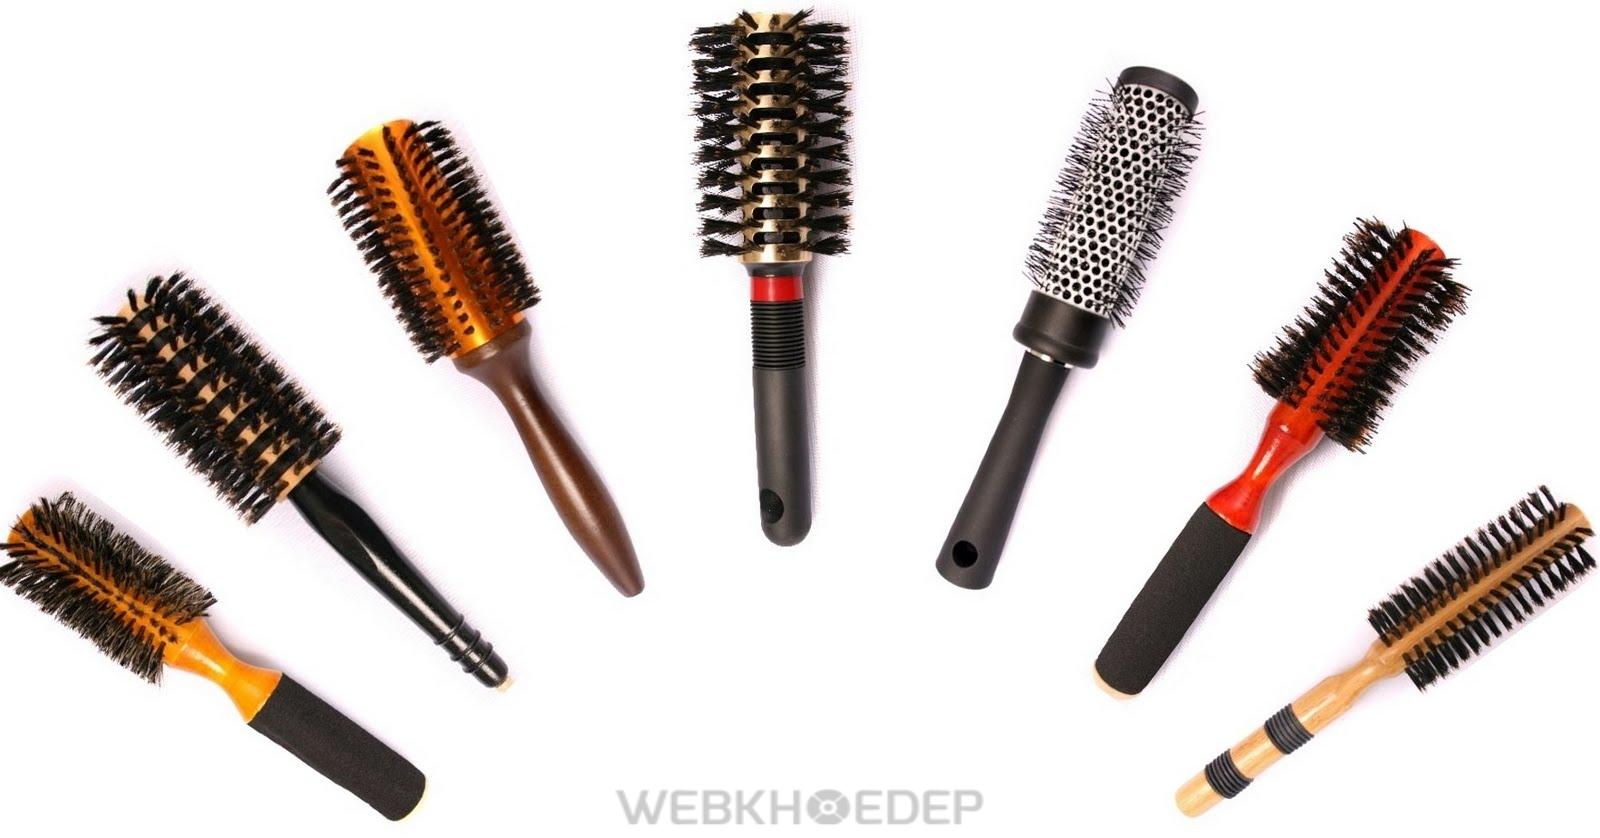 Bí kíp chọn lược phù hợp cho từng loại tóc - Hình 3